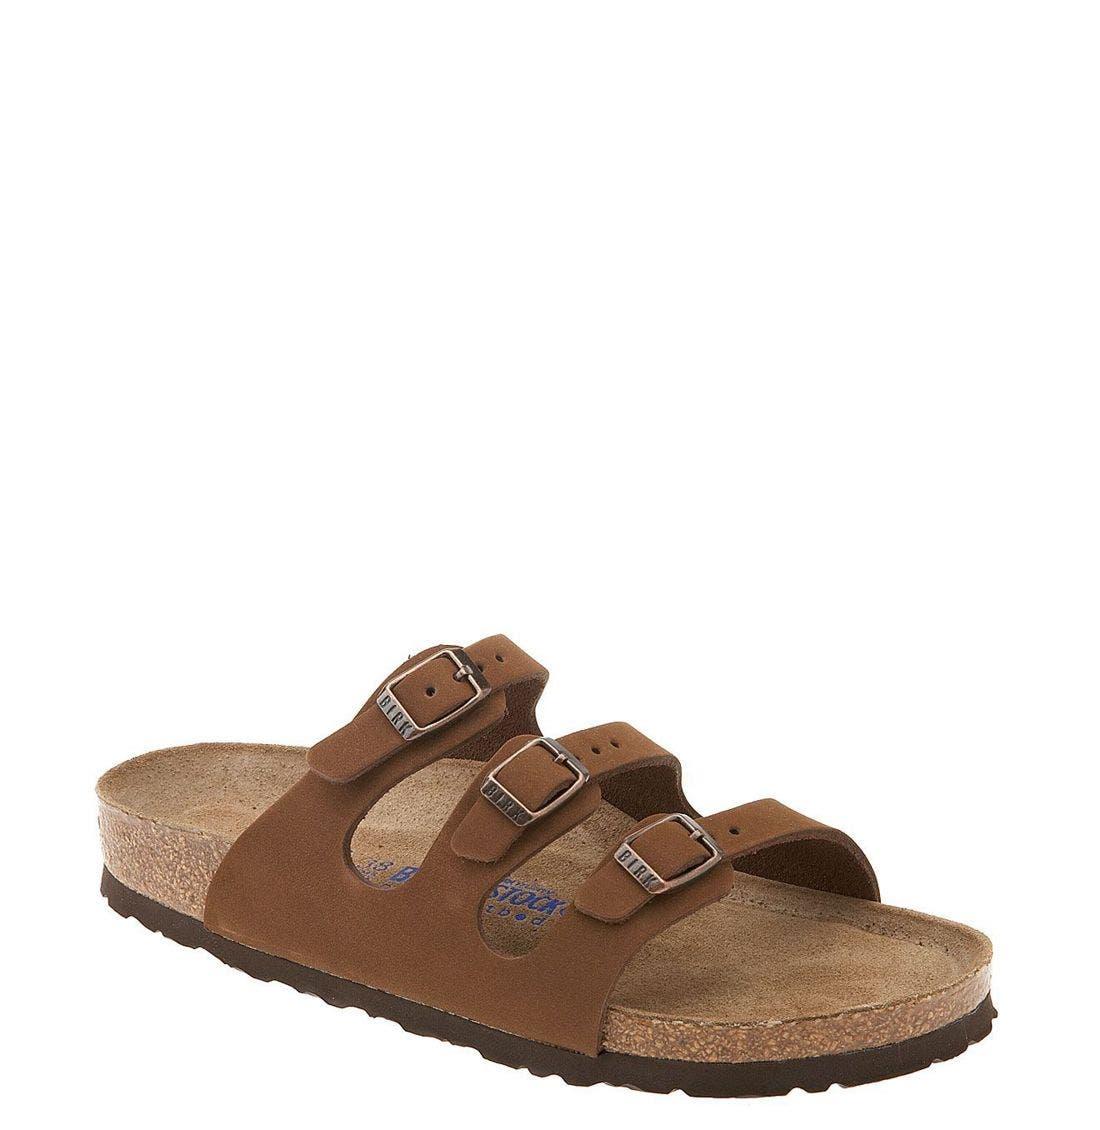 'Florida' Soft Footbed Sandal,                         Main,                         color, Cocoa Nubuck